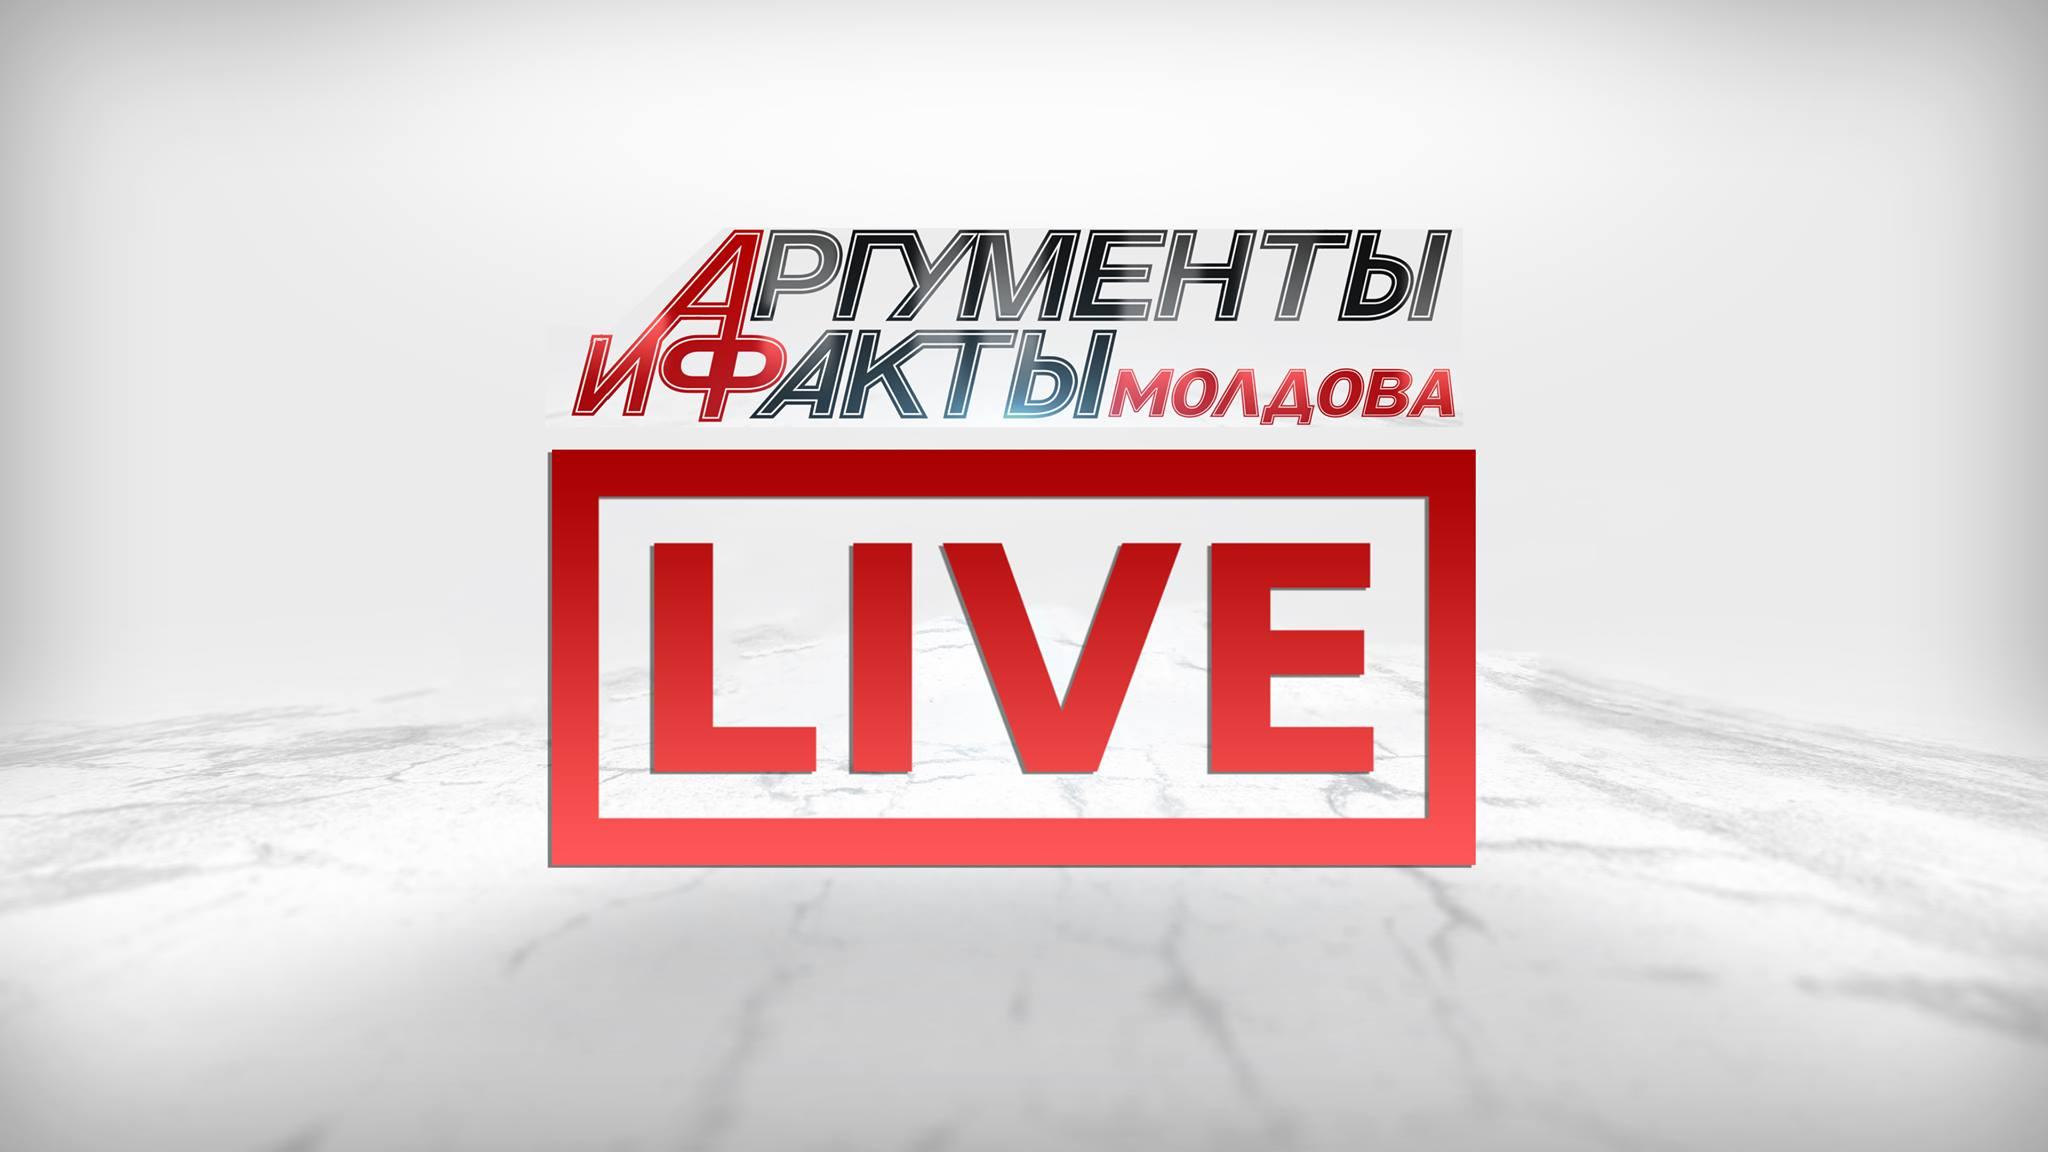 LIVE! Президент представляет нового министра обороны командованию Нацармии (ВИДЕО)